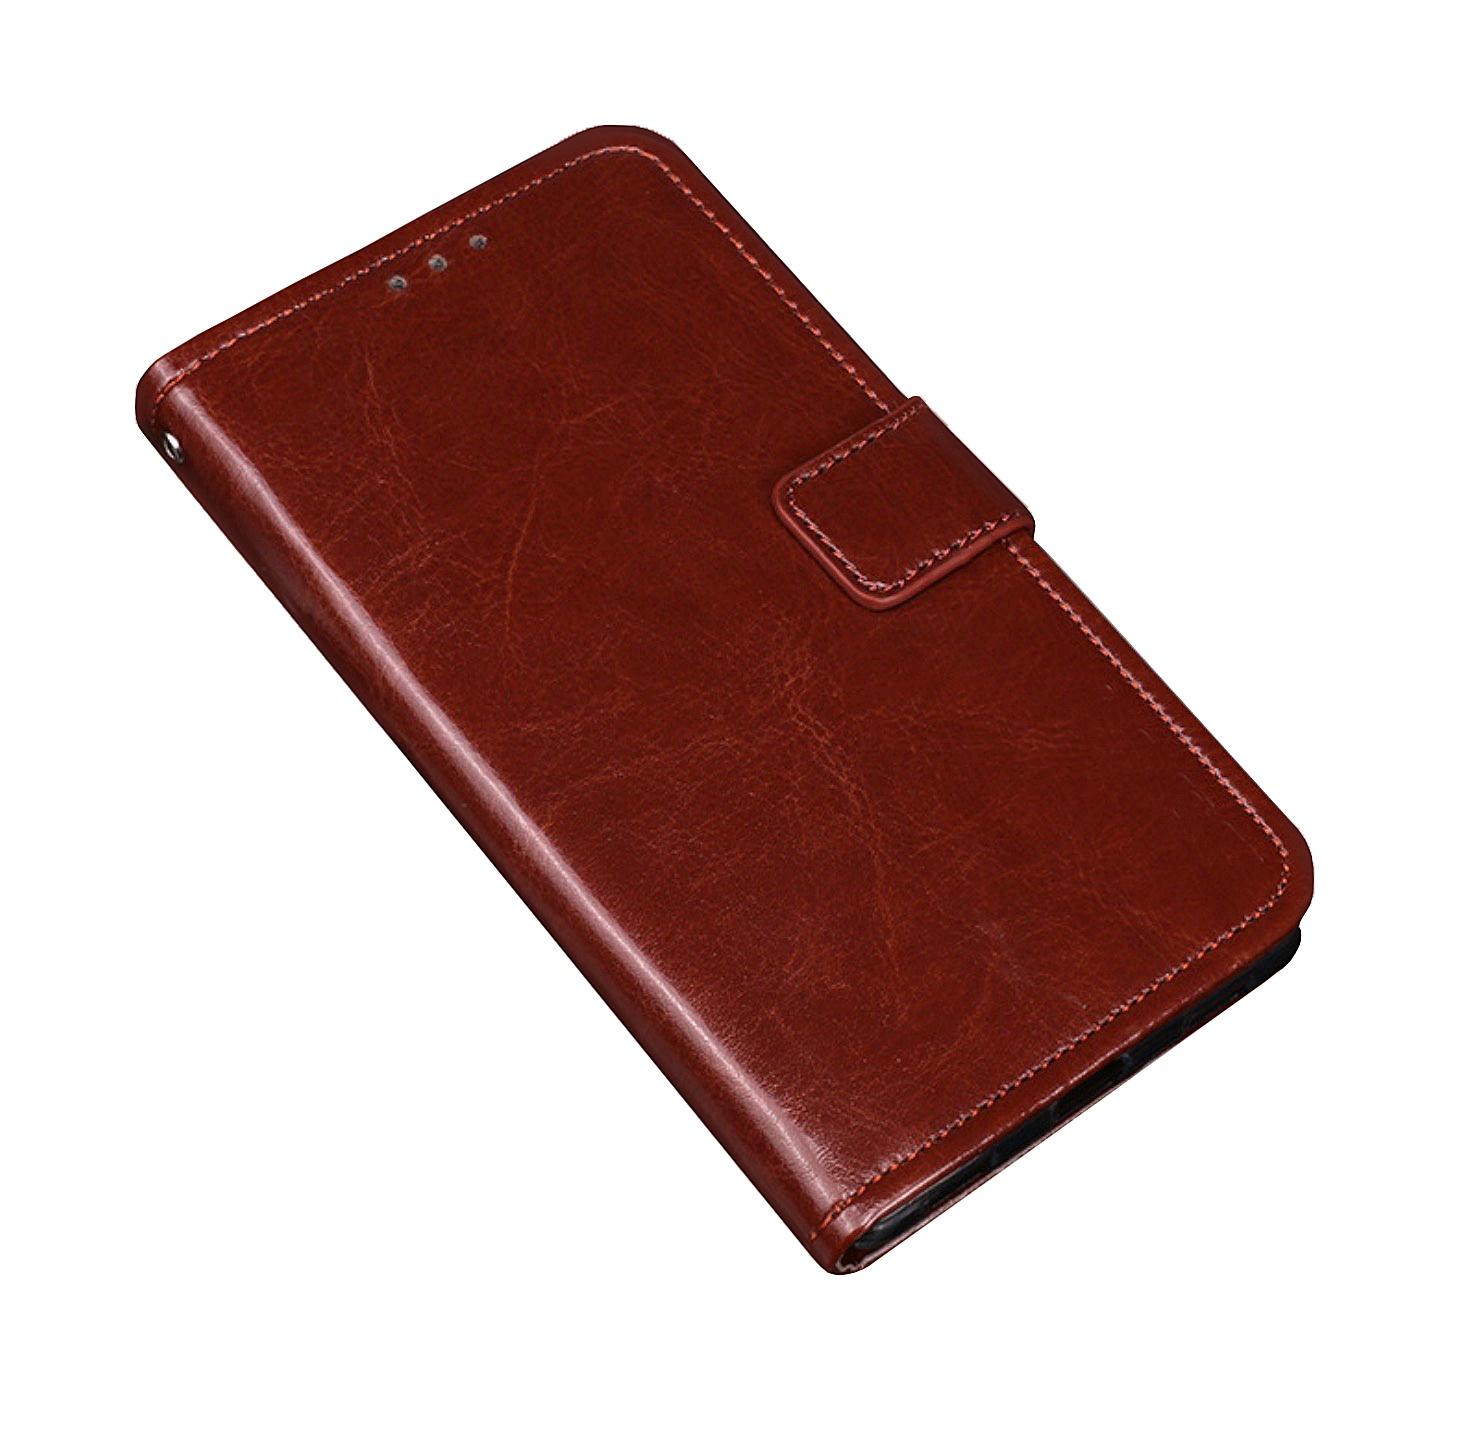 Чехол MyPads для Xiaomi Redmi Note 7 с мульти-подставкой застёжкой и визитницей коричневый